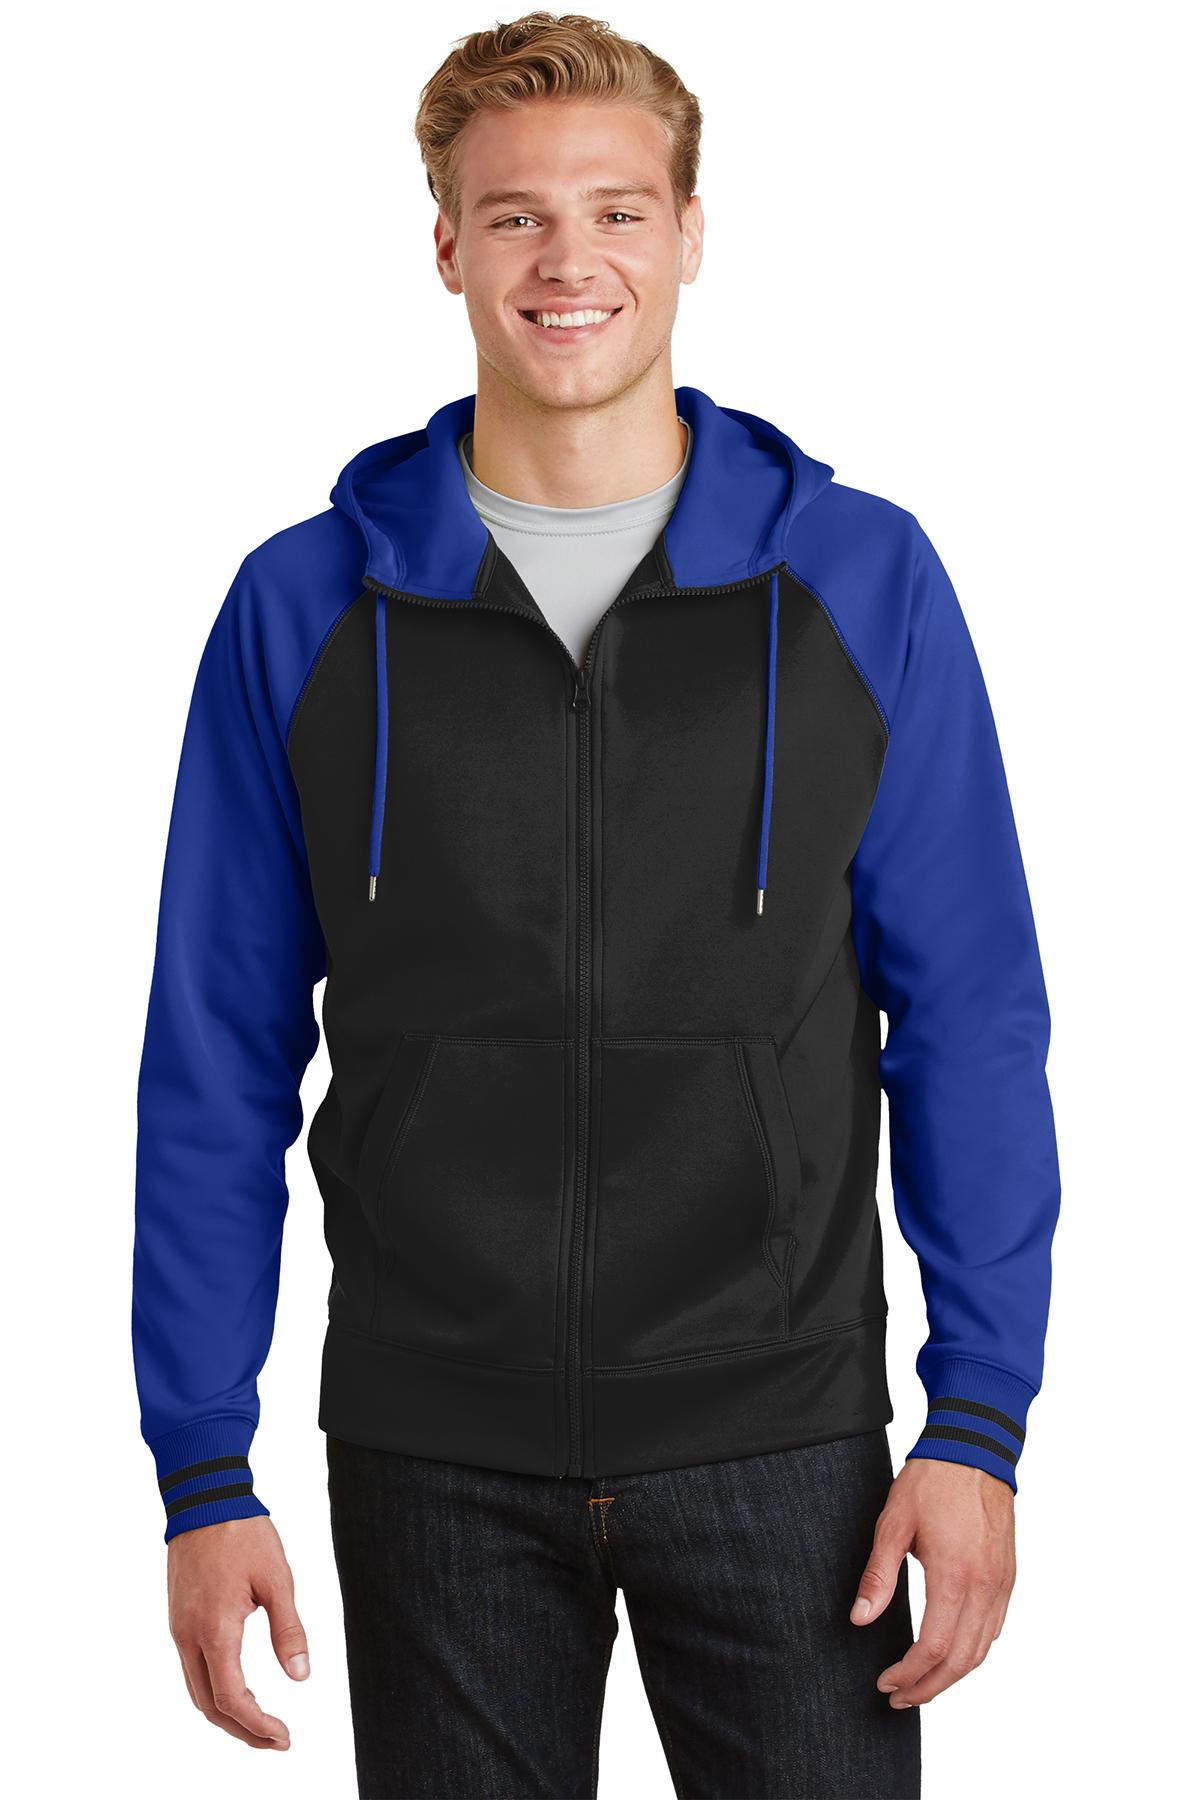 Sport Tek Sport Wick Varsity Fleece Full Zip Hooded Jacket Performance Sweatshirts Fleece Sport Tek Bunlar arasında tek bir oturumda veya isterseniz oturumdan oturuma siteyi keşfederken hatırlanmanızı sağlayan. varsity fleece full zip hooded jacket